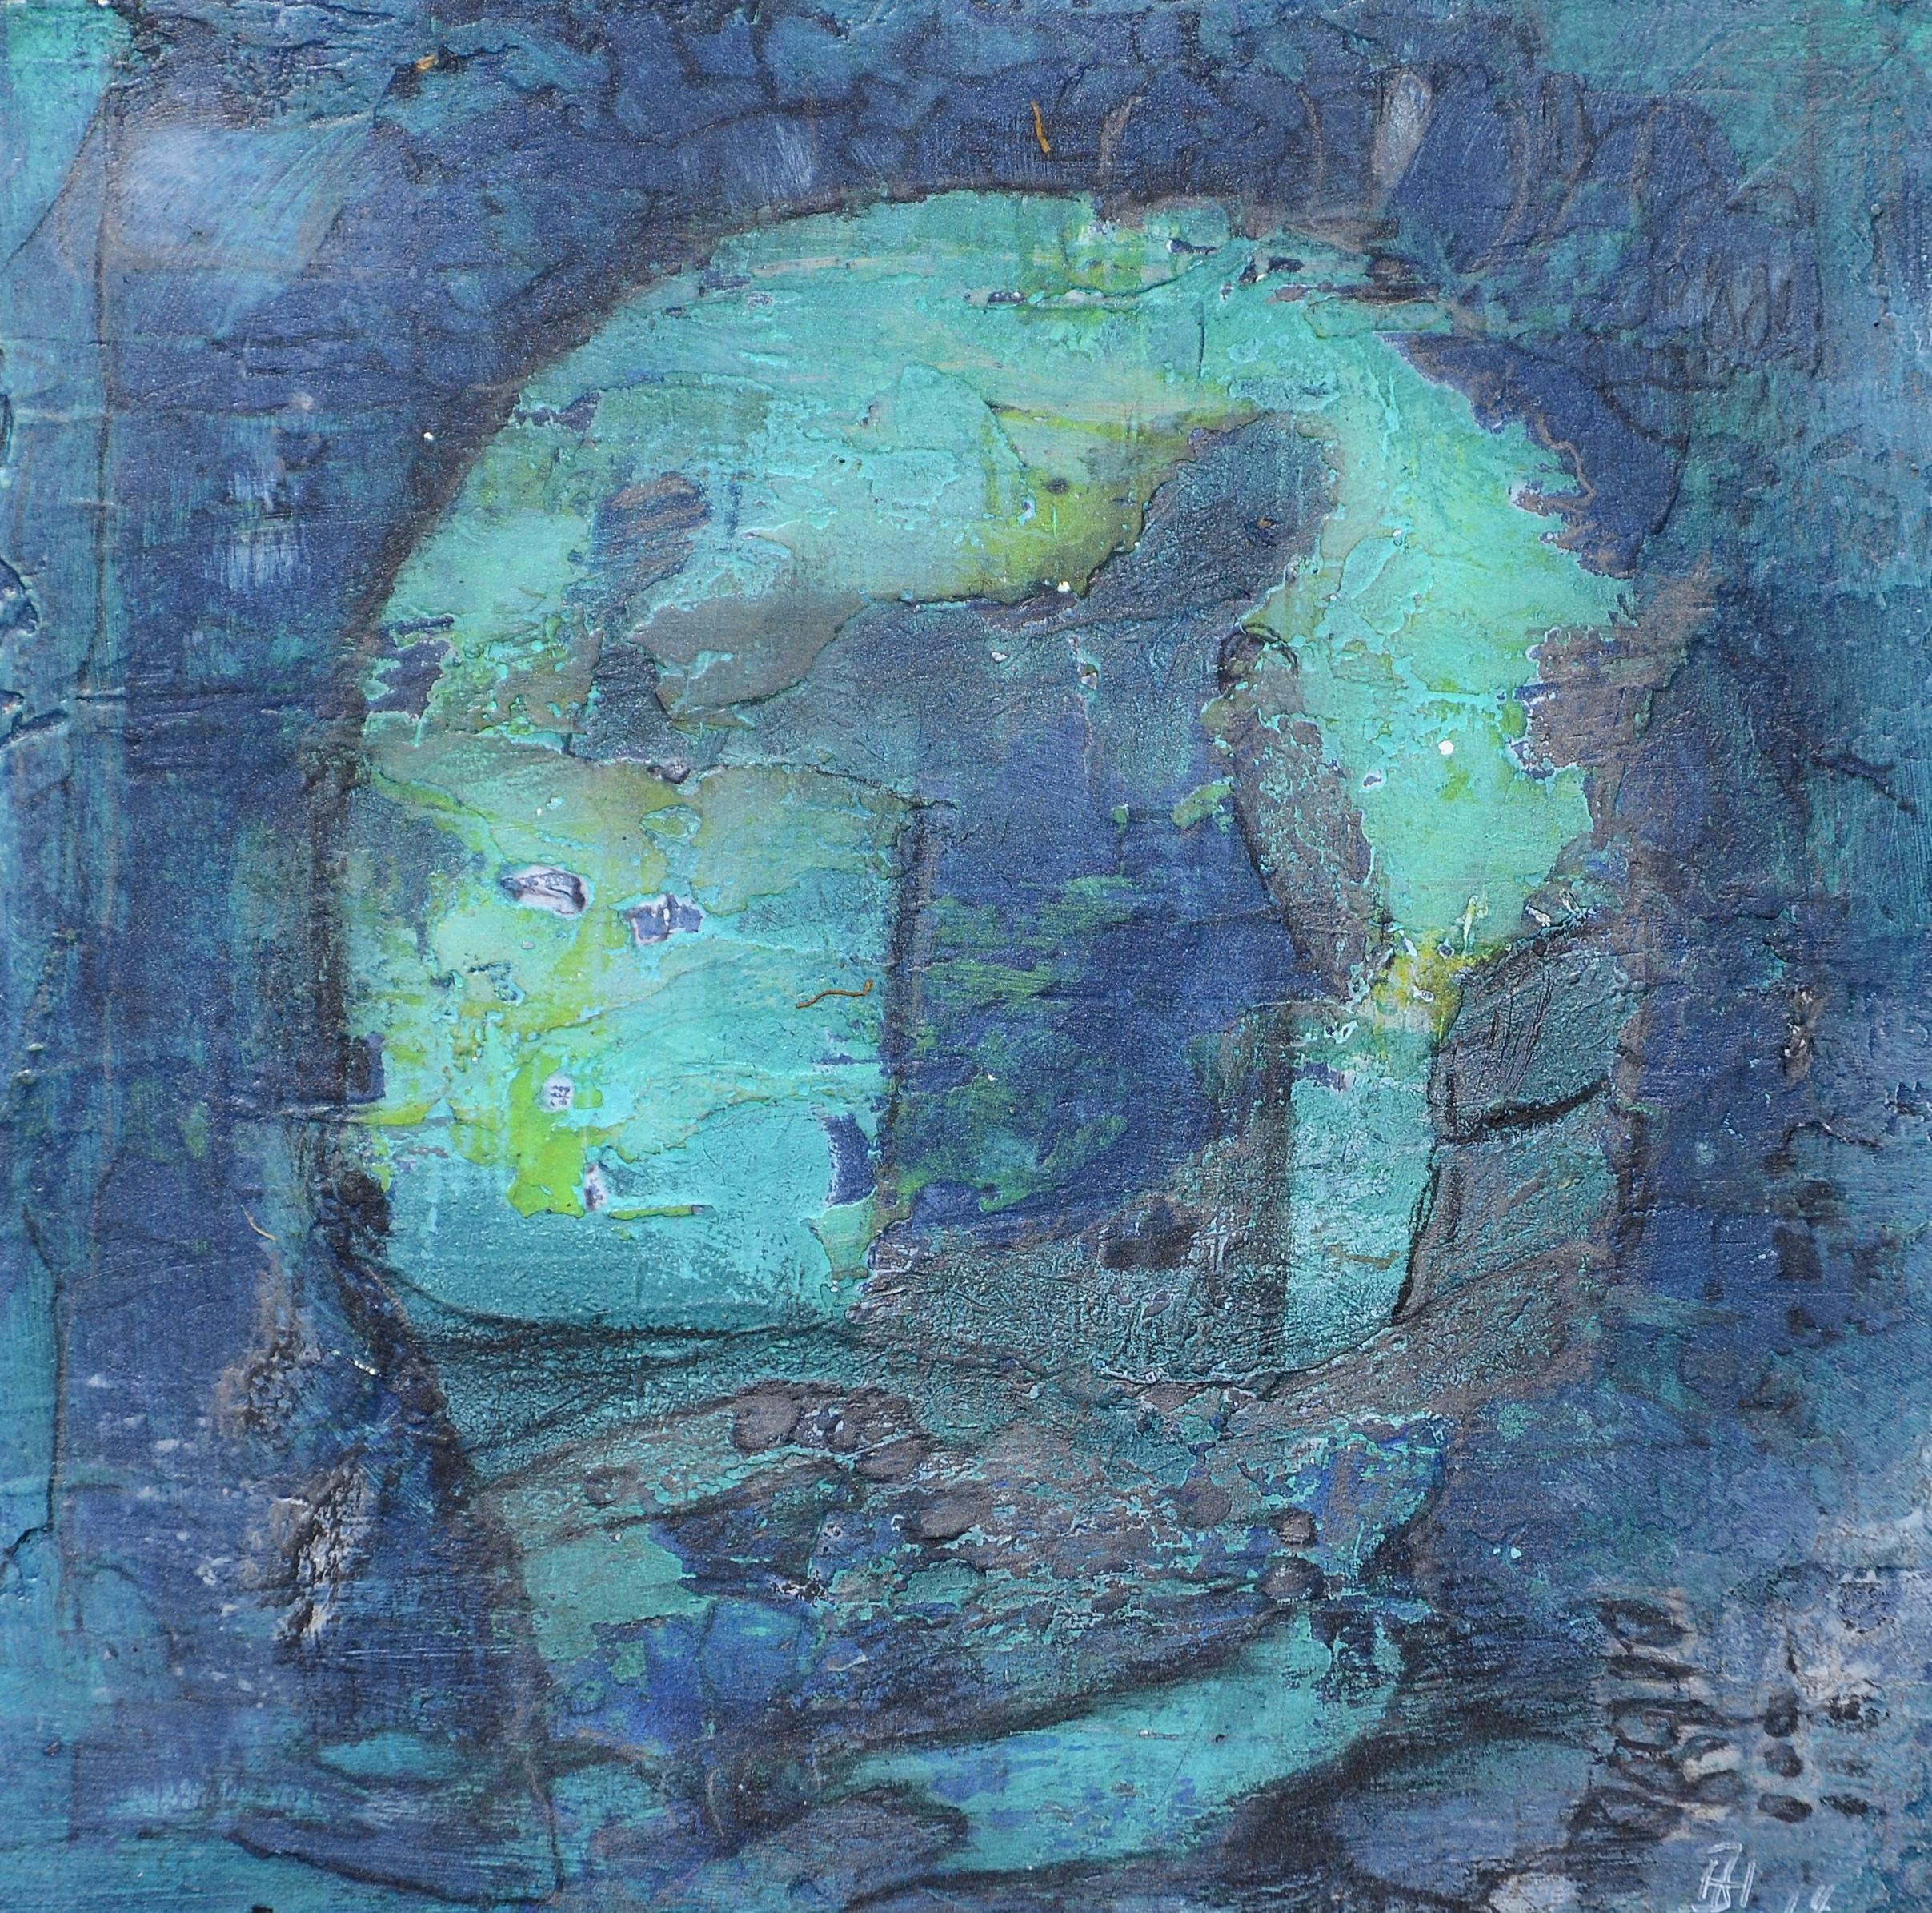 die blaue grotte,acryl auf MDF,15x15cm,2014.JPG